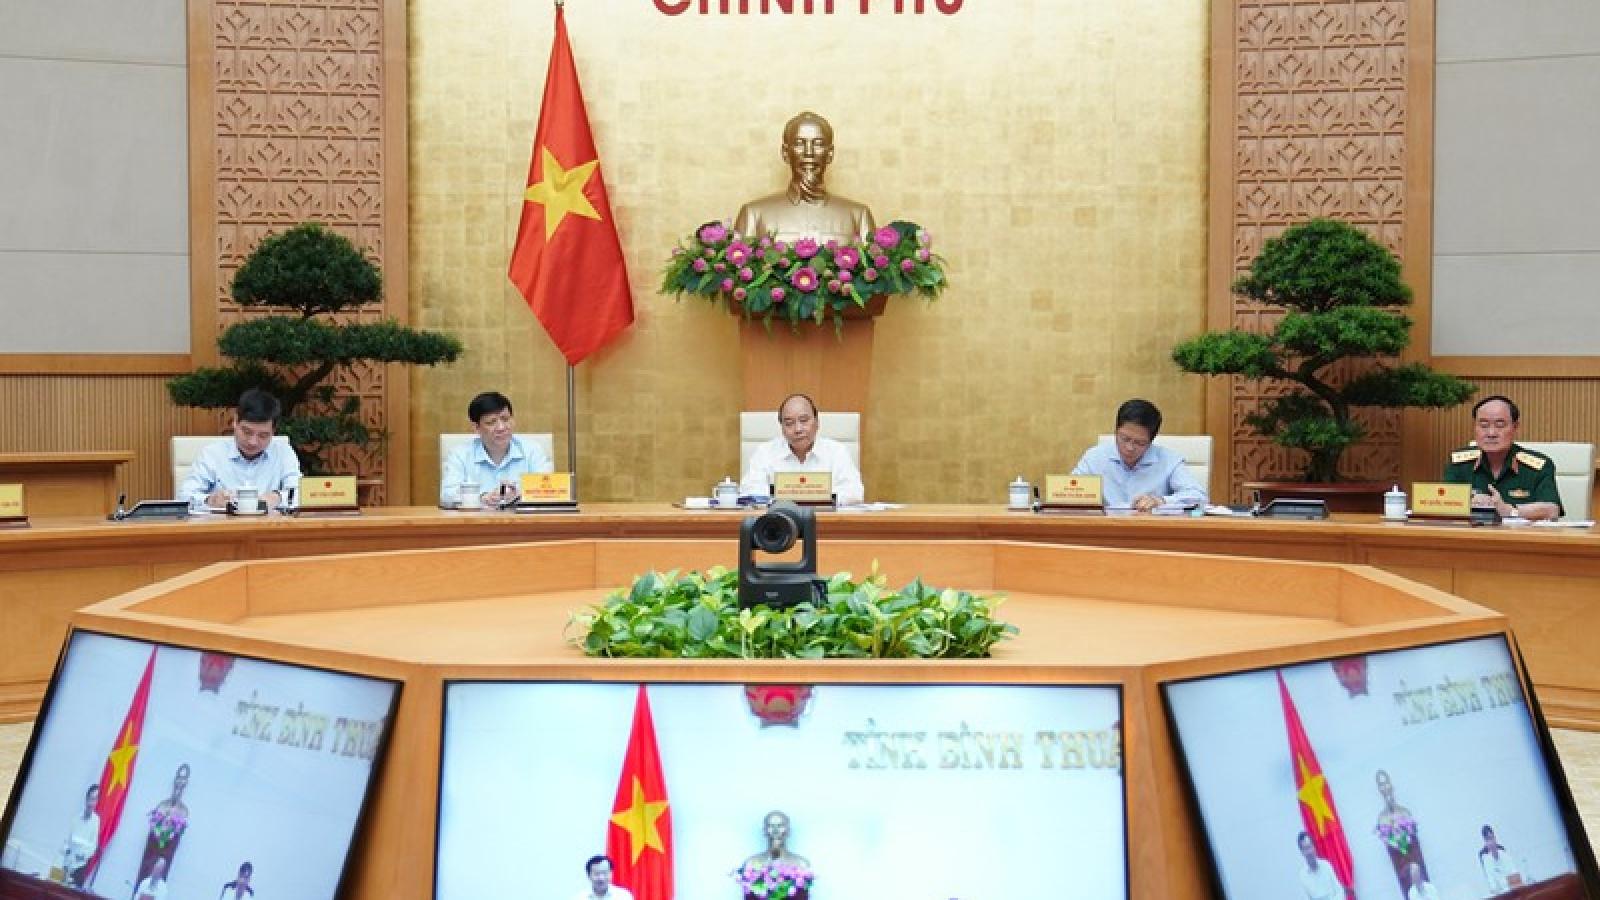 Thủ tướng hoan nghênh Bình Thuận cam kết giải ngân 100% vốn đầu tư công